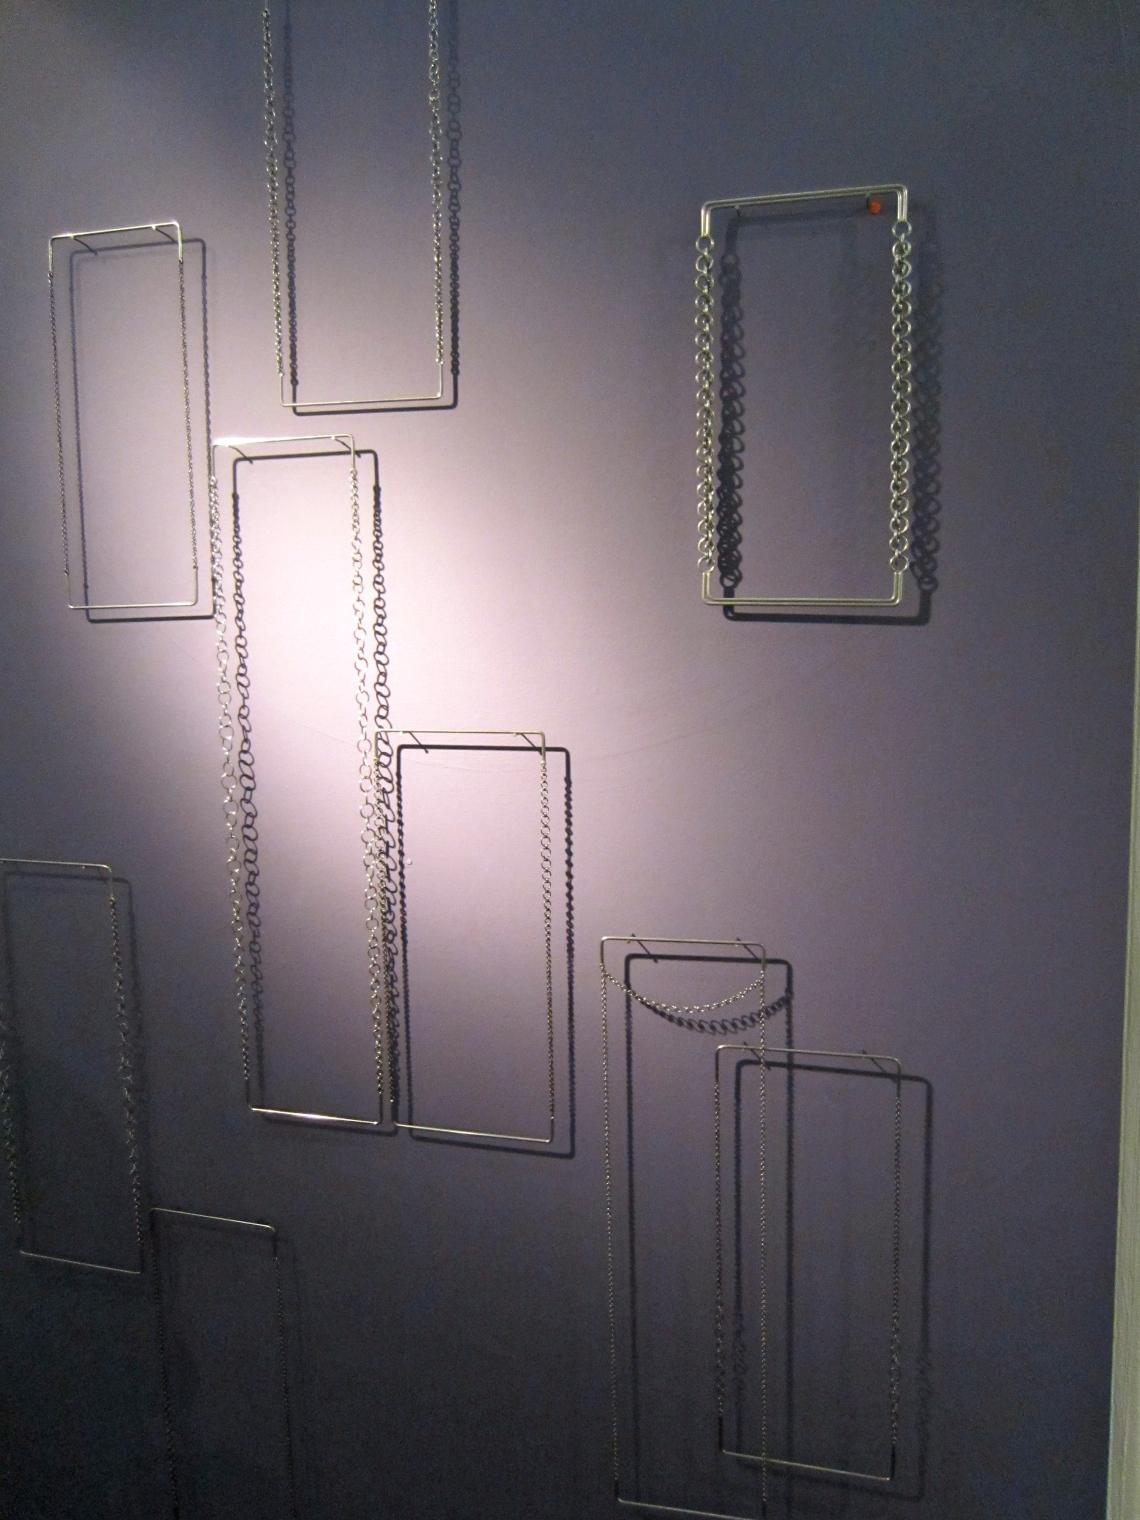 Rebekah Frank, halssieraden in Galerie Ra, 2014, metaal